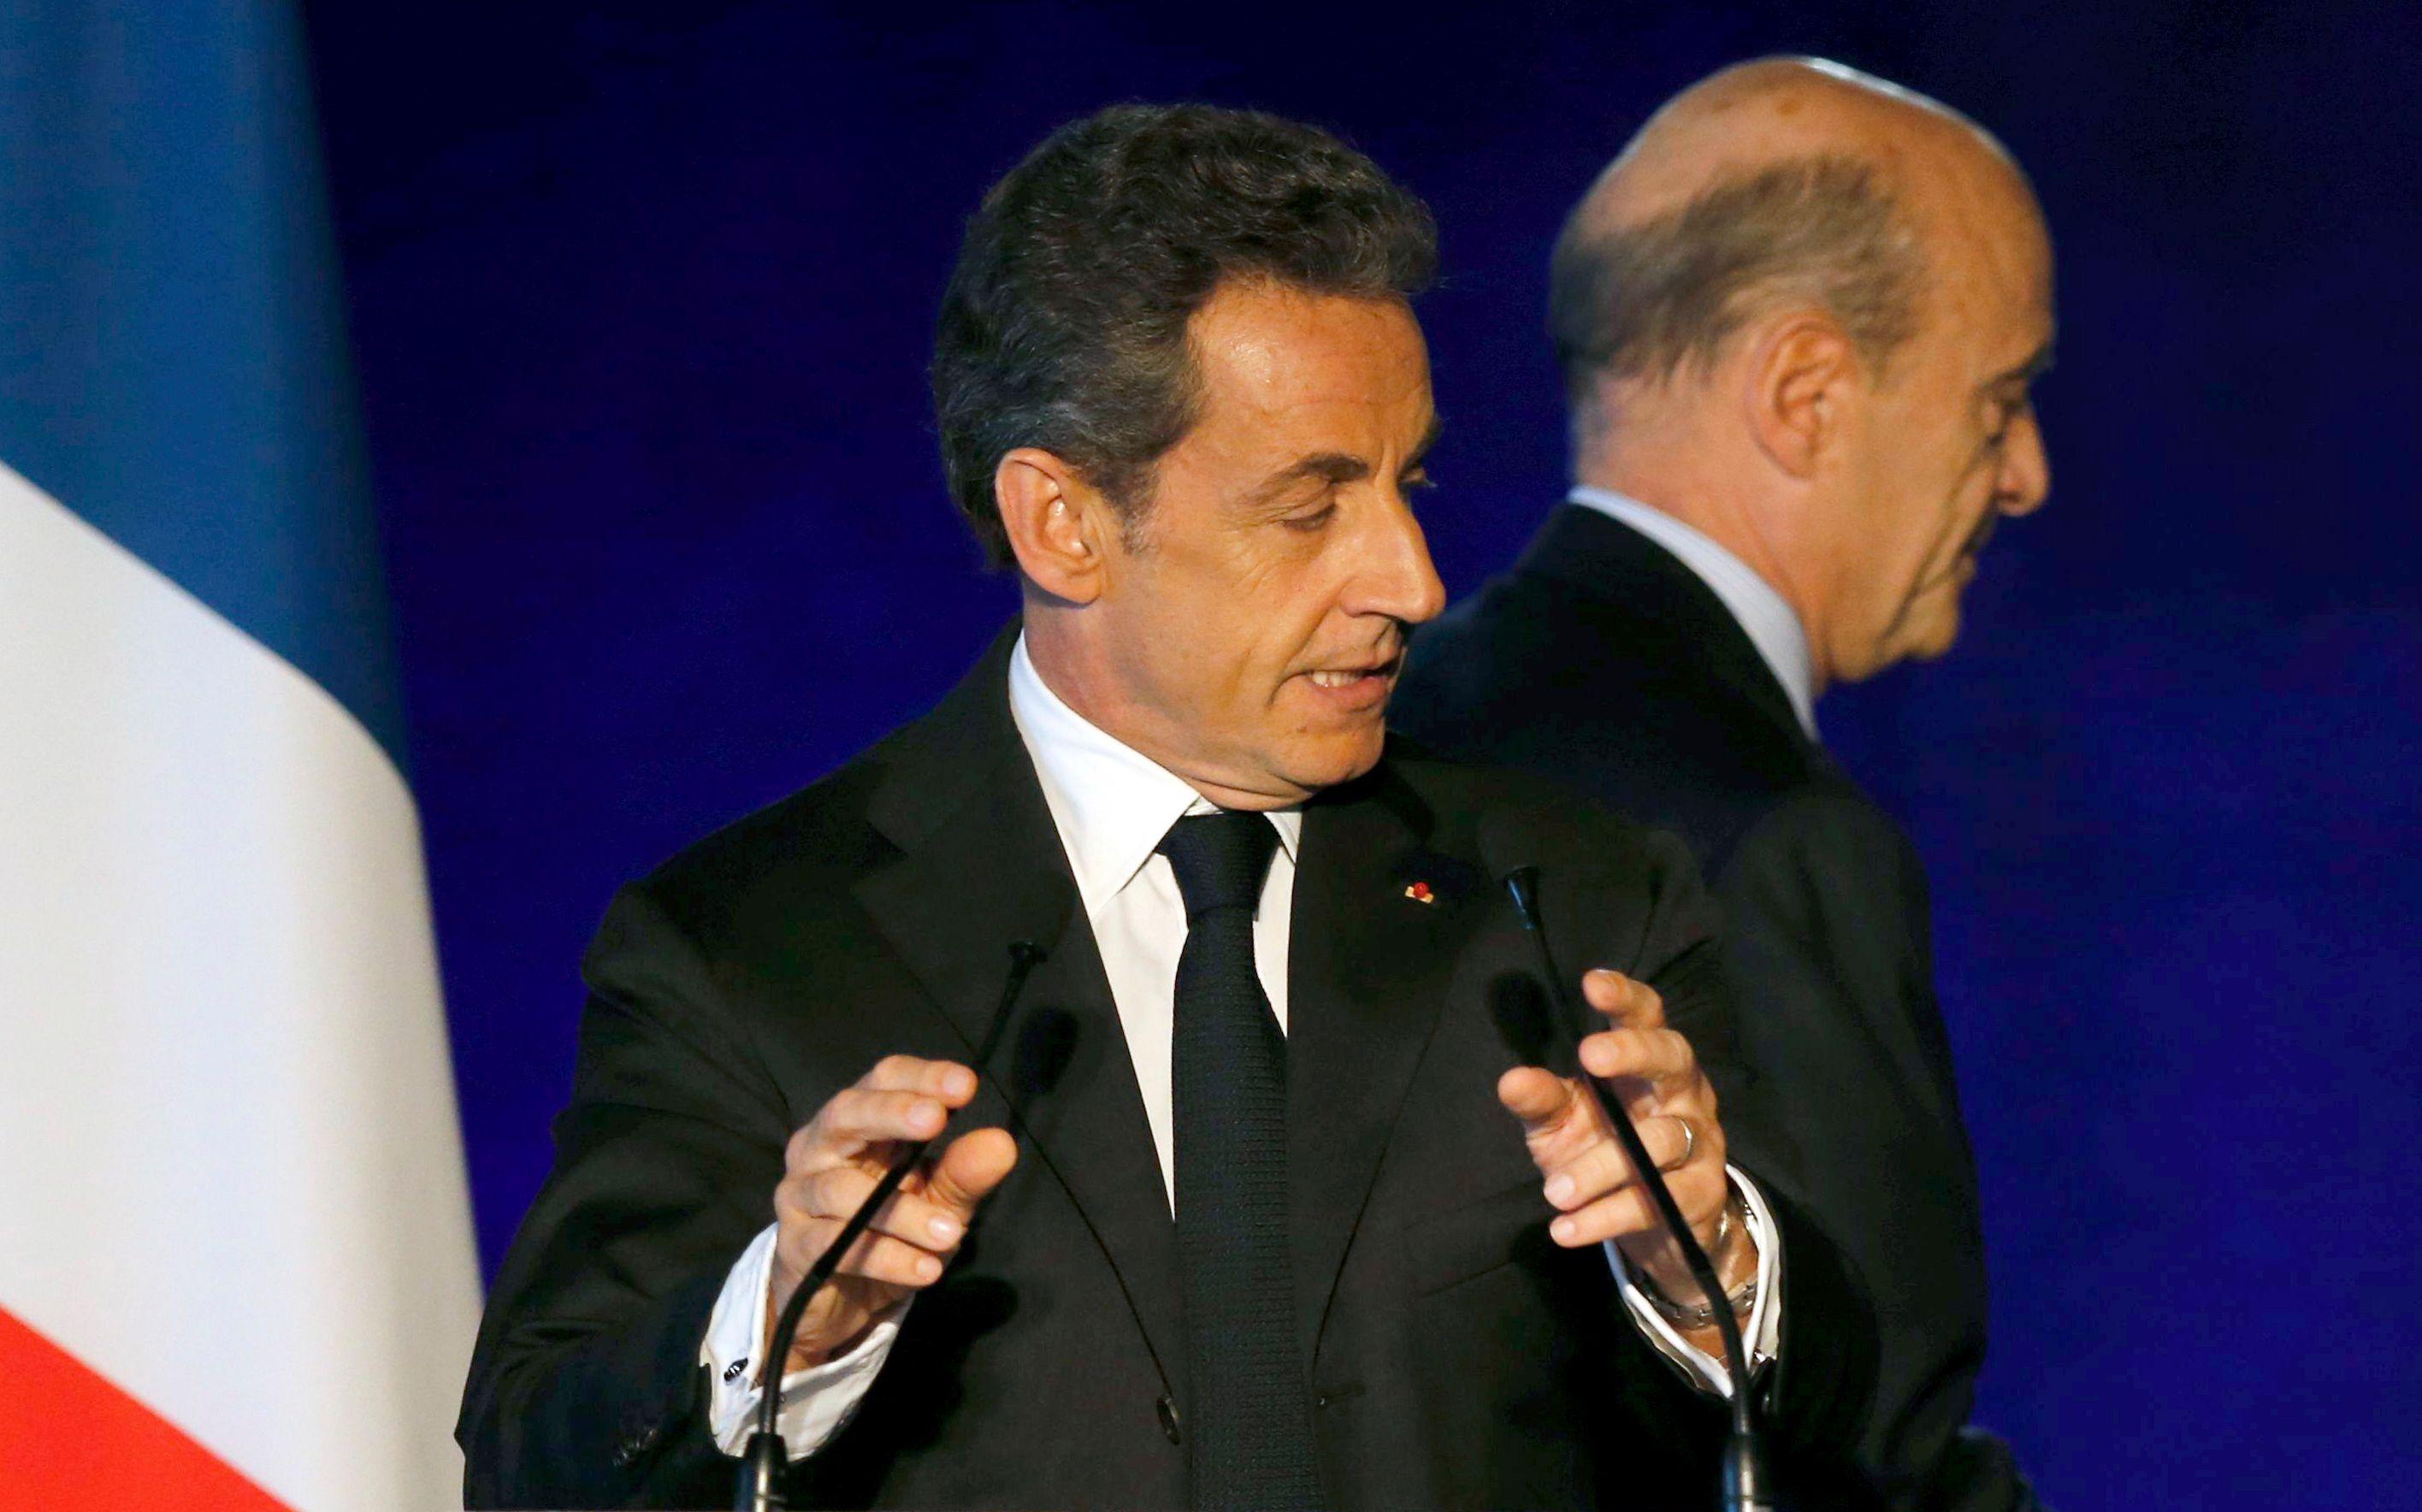 Alain Juppé devance de 12 points Nicolas Sarkozy dans les intentions de vote.